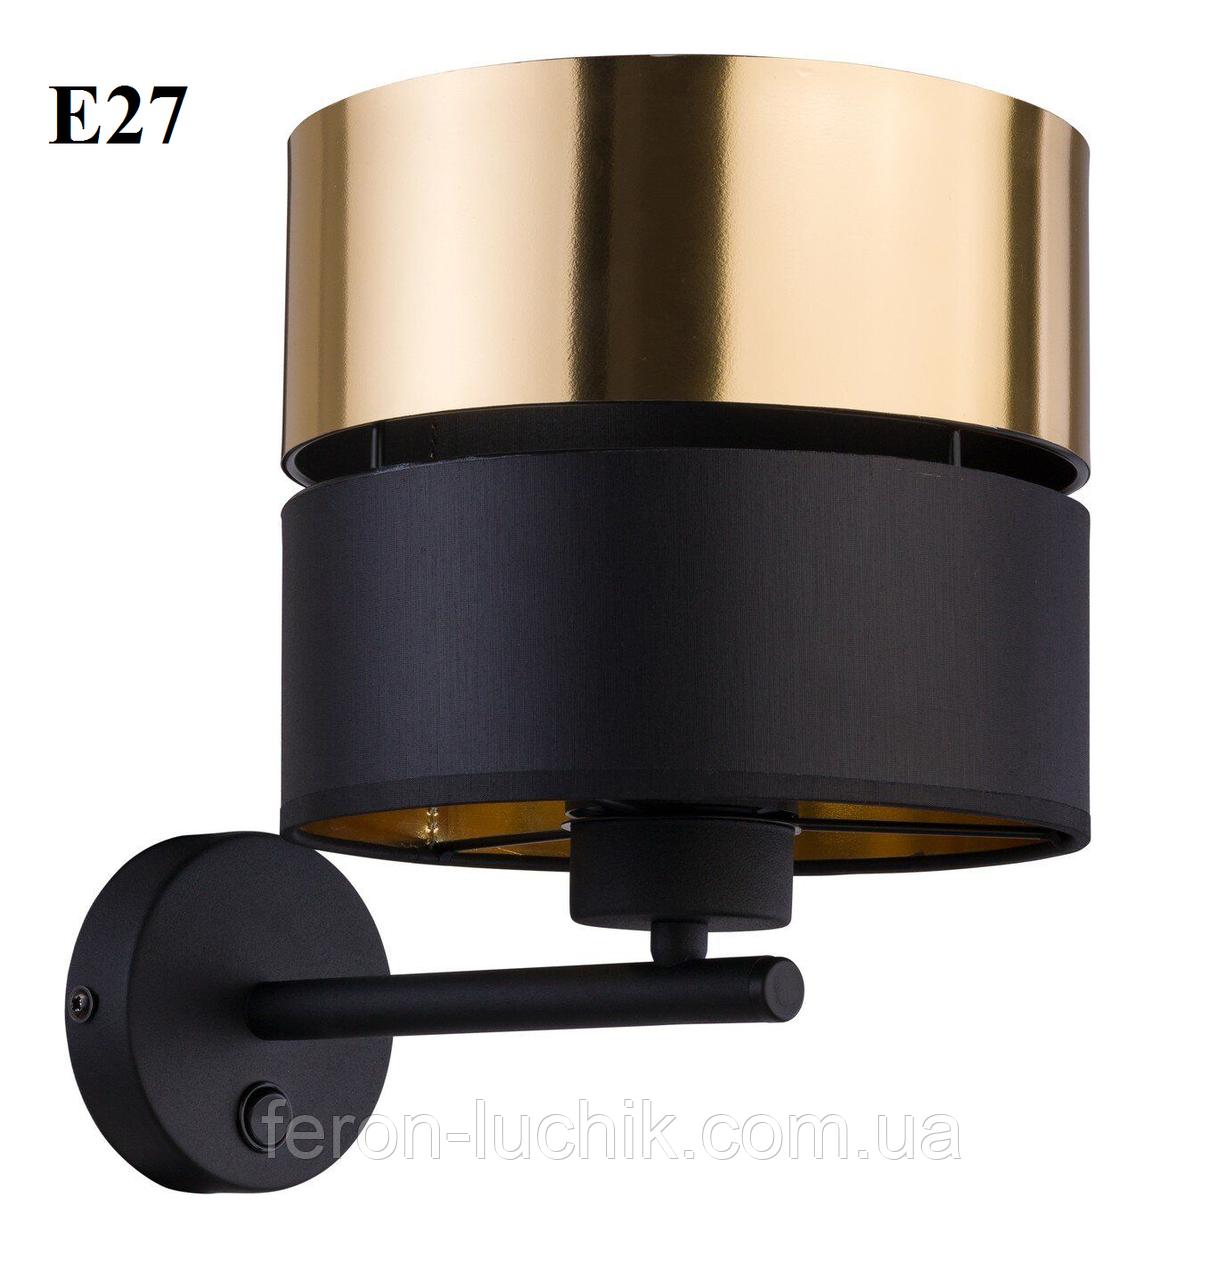 Светильник настенный Е27 на 1 лампу 4344 (бра) черный